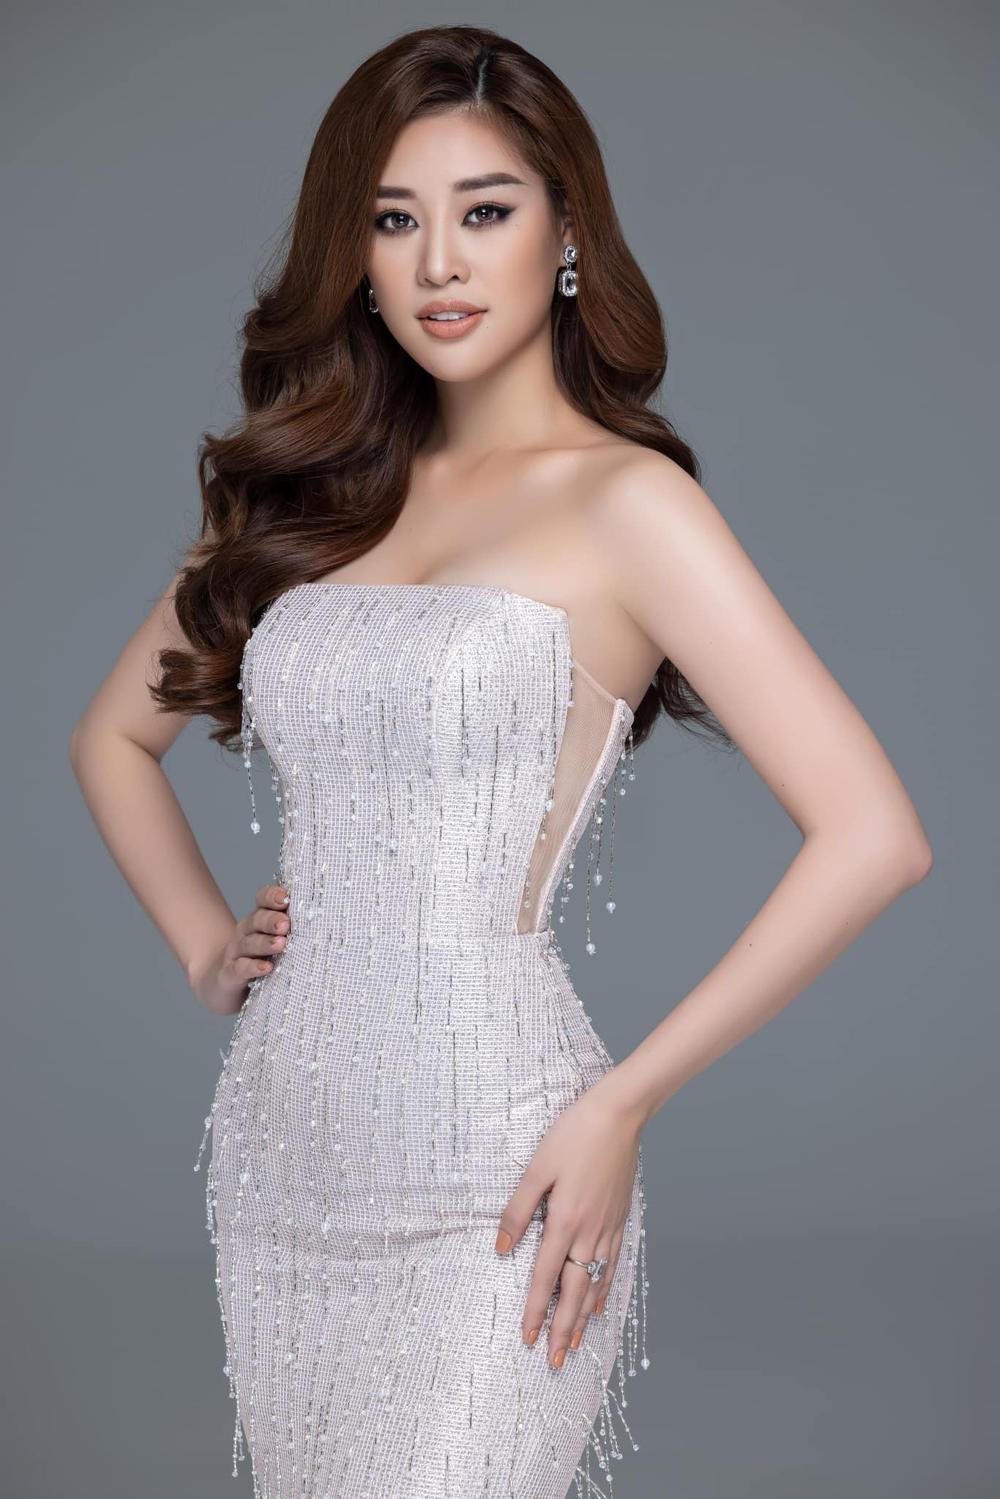 Đại diện Việt Nam vắng mặt trong Top 11 Super của Global Beauties: Fan chờ đợi Khánh Vân bùng nổ Ảnh 3